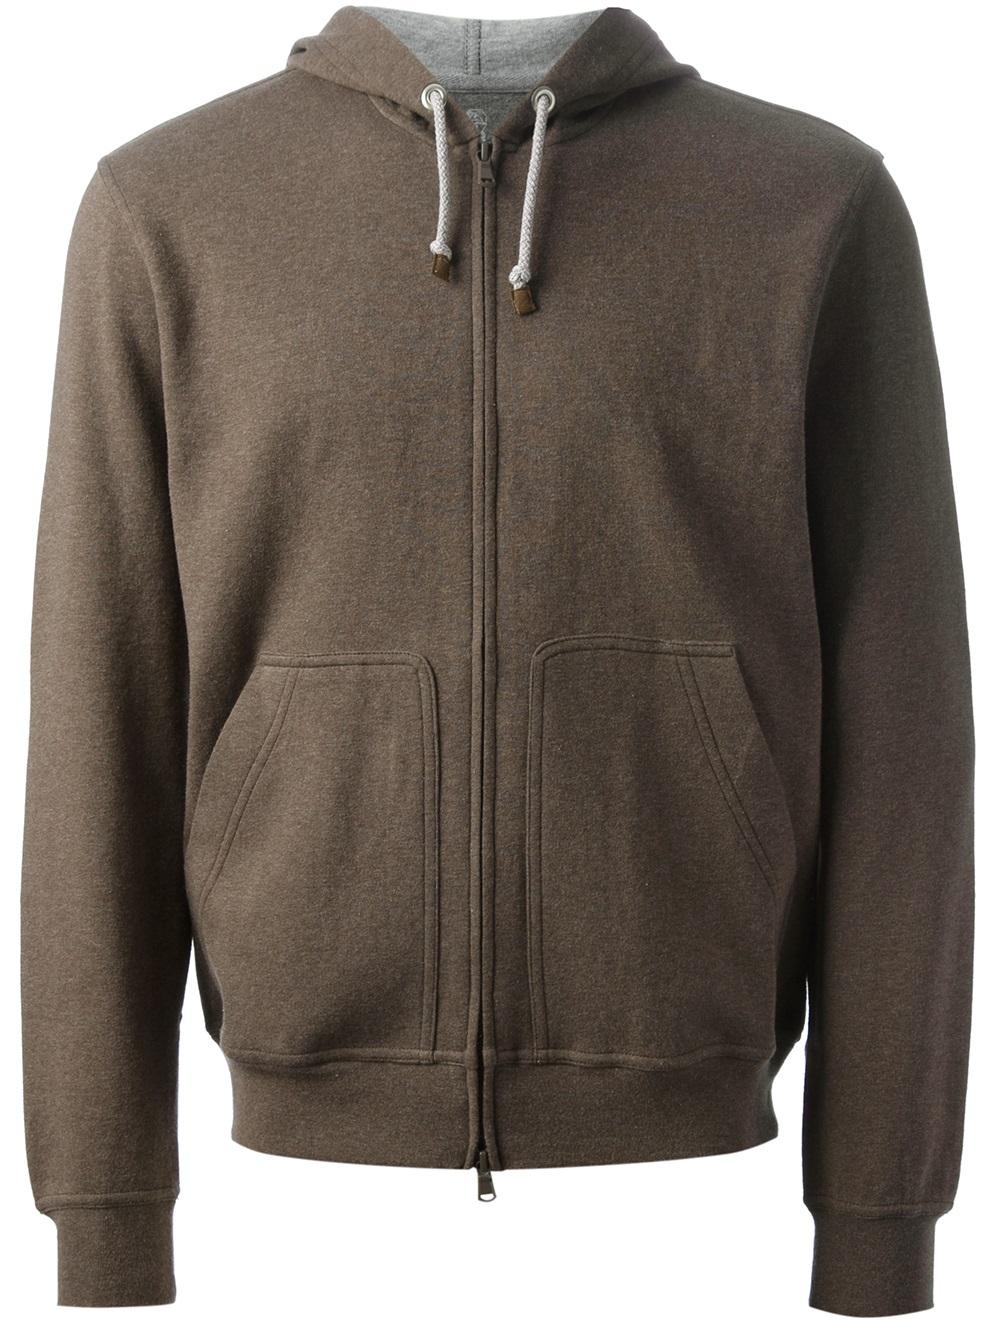 Browns hoodies